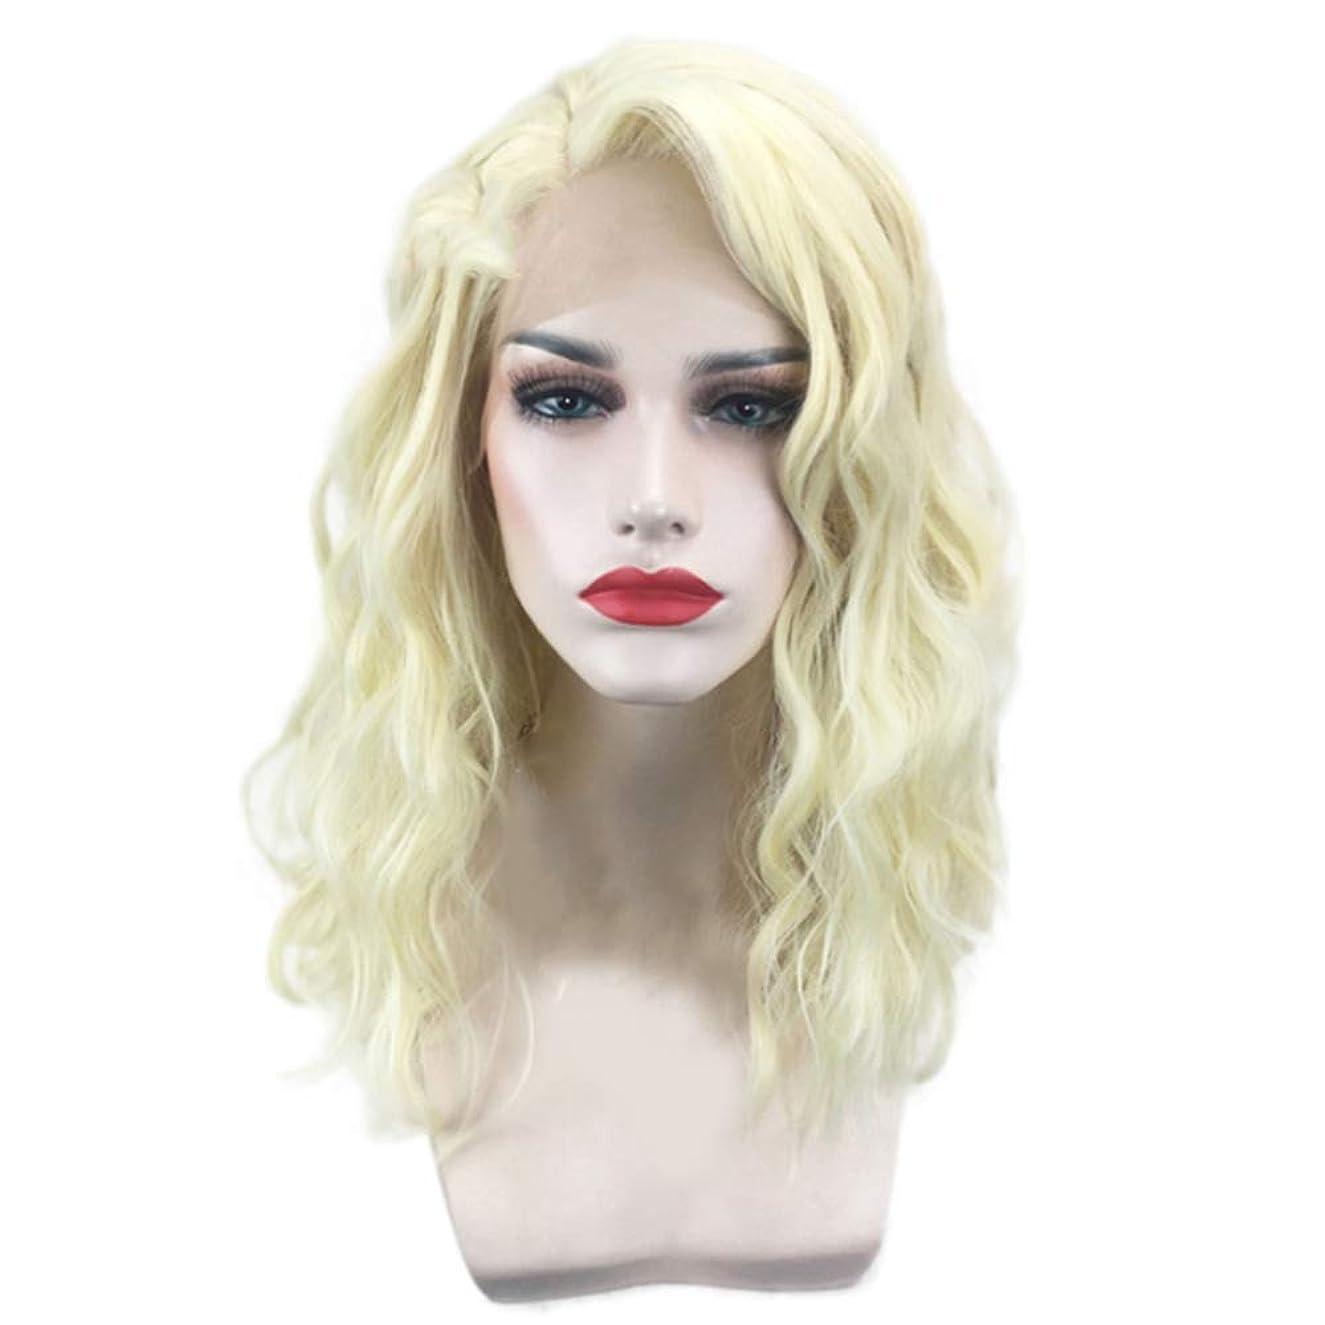 リクルート機知に富んだ各女性のための短い巻き毛のかつらゴールドウェーブヘアかつら自然に見える耐熱合成ファッションかつらコスプレ気質